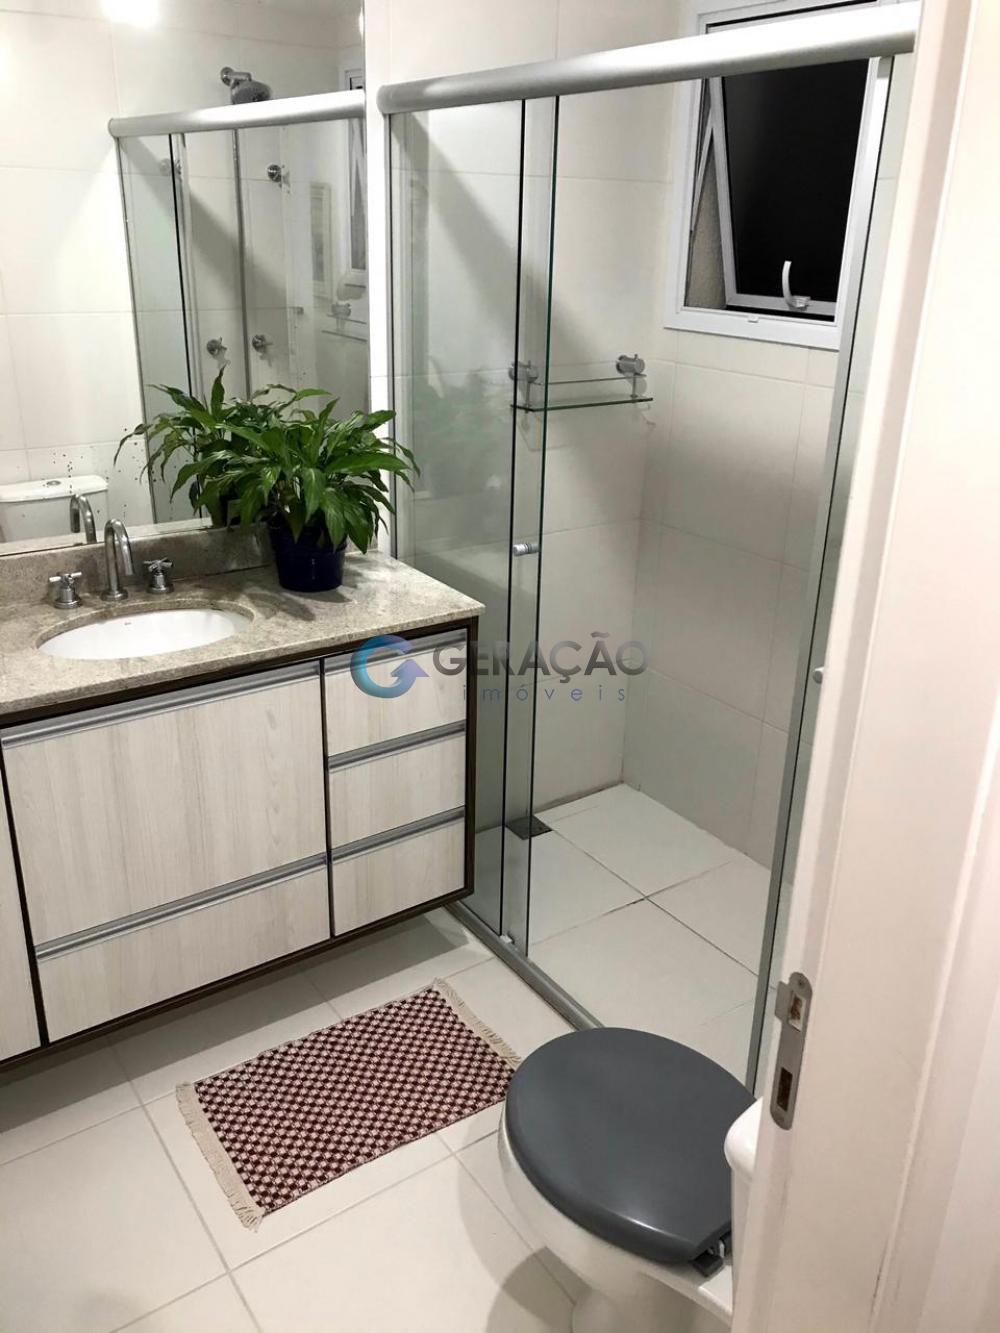 Comprar Apartamento / Padrão em São José dos Campos R$ 895.000,00 - Foto 6